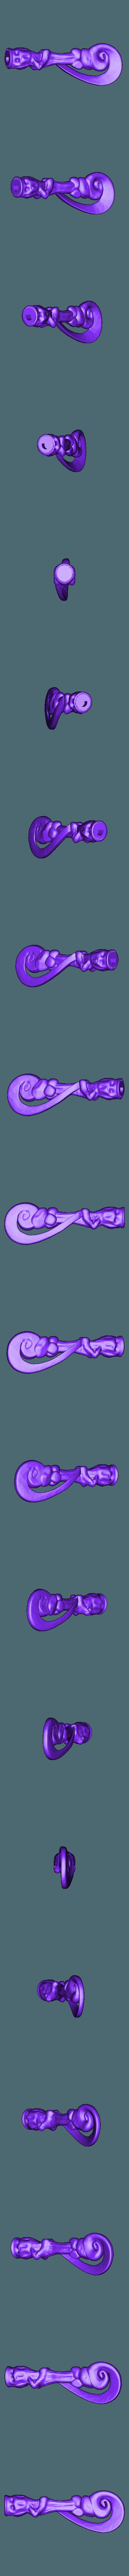 Fleur1.STL Télécharger fichier STL gratuit Baguette Fleur Delacour • Objet imprimable en 3D, Absolute3D